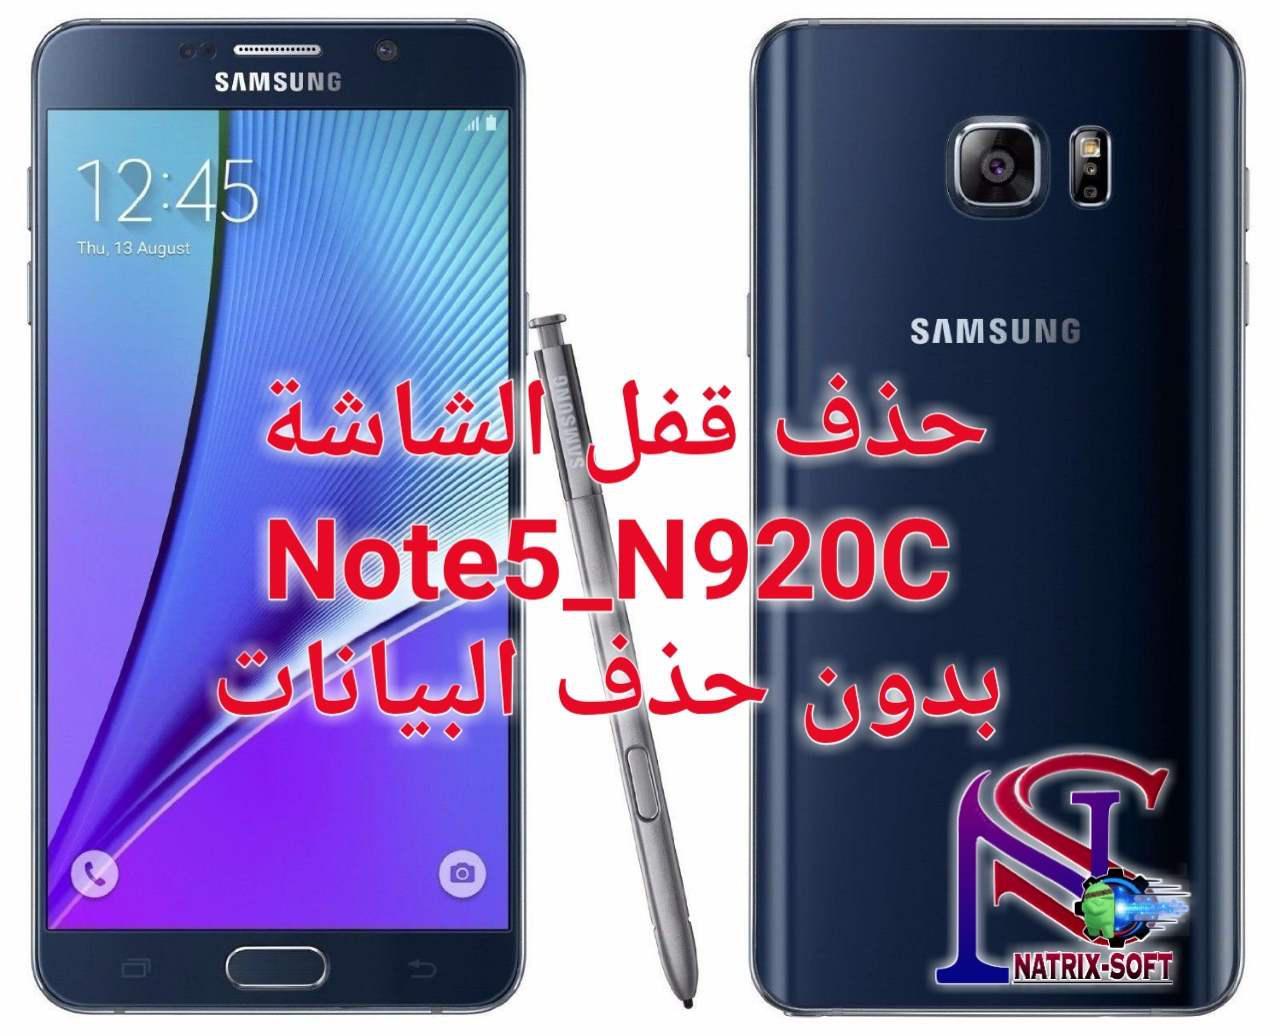 حذف قفل الشاشة Note5 N920c بدون حذف البيانات عبر الاودين